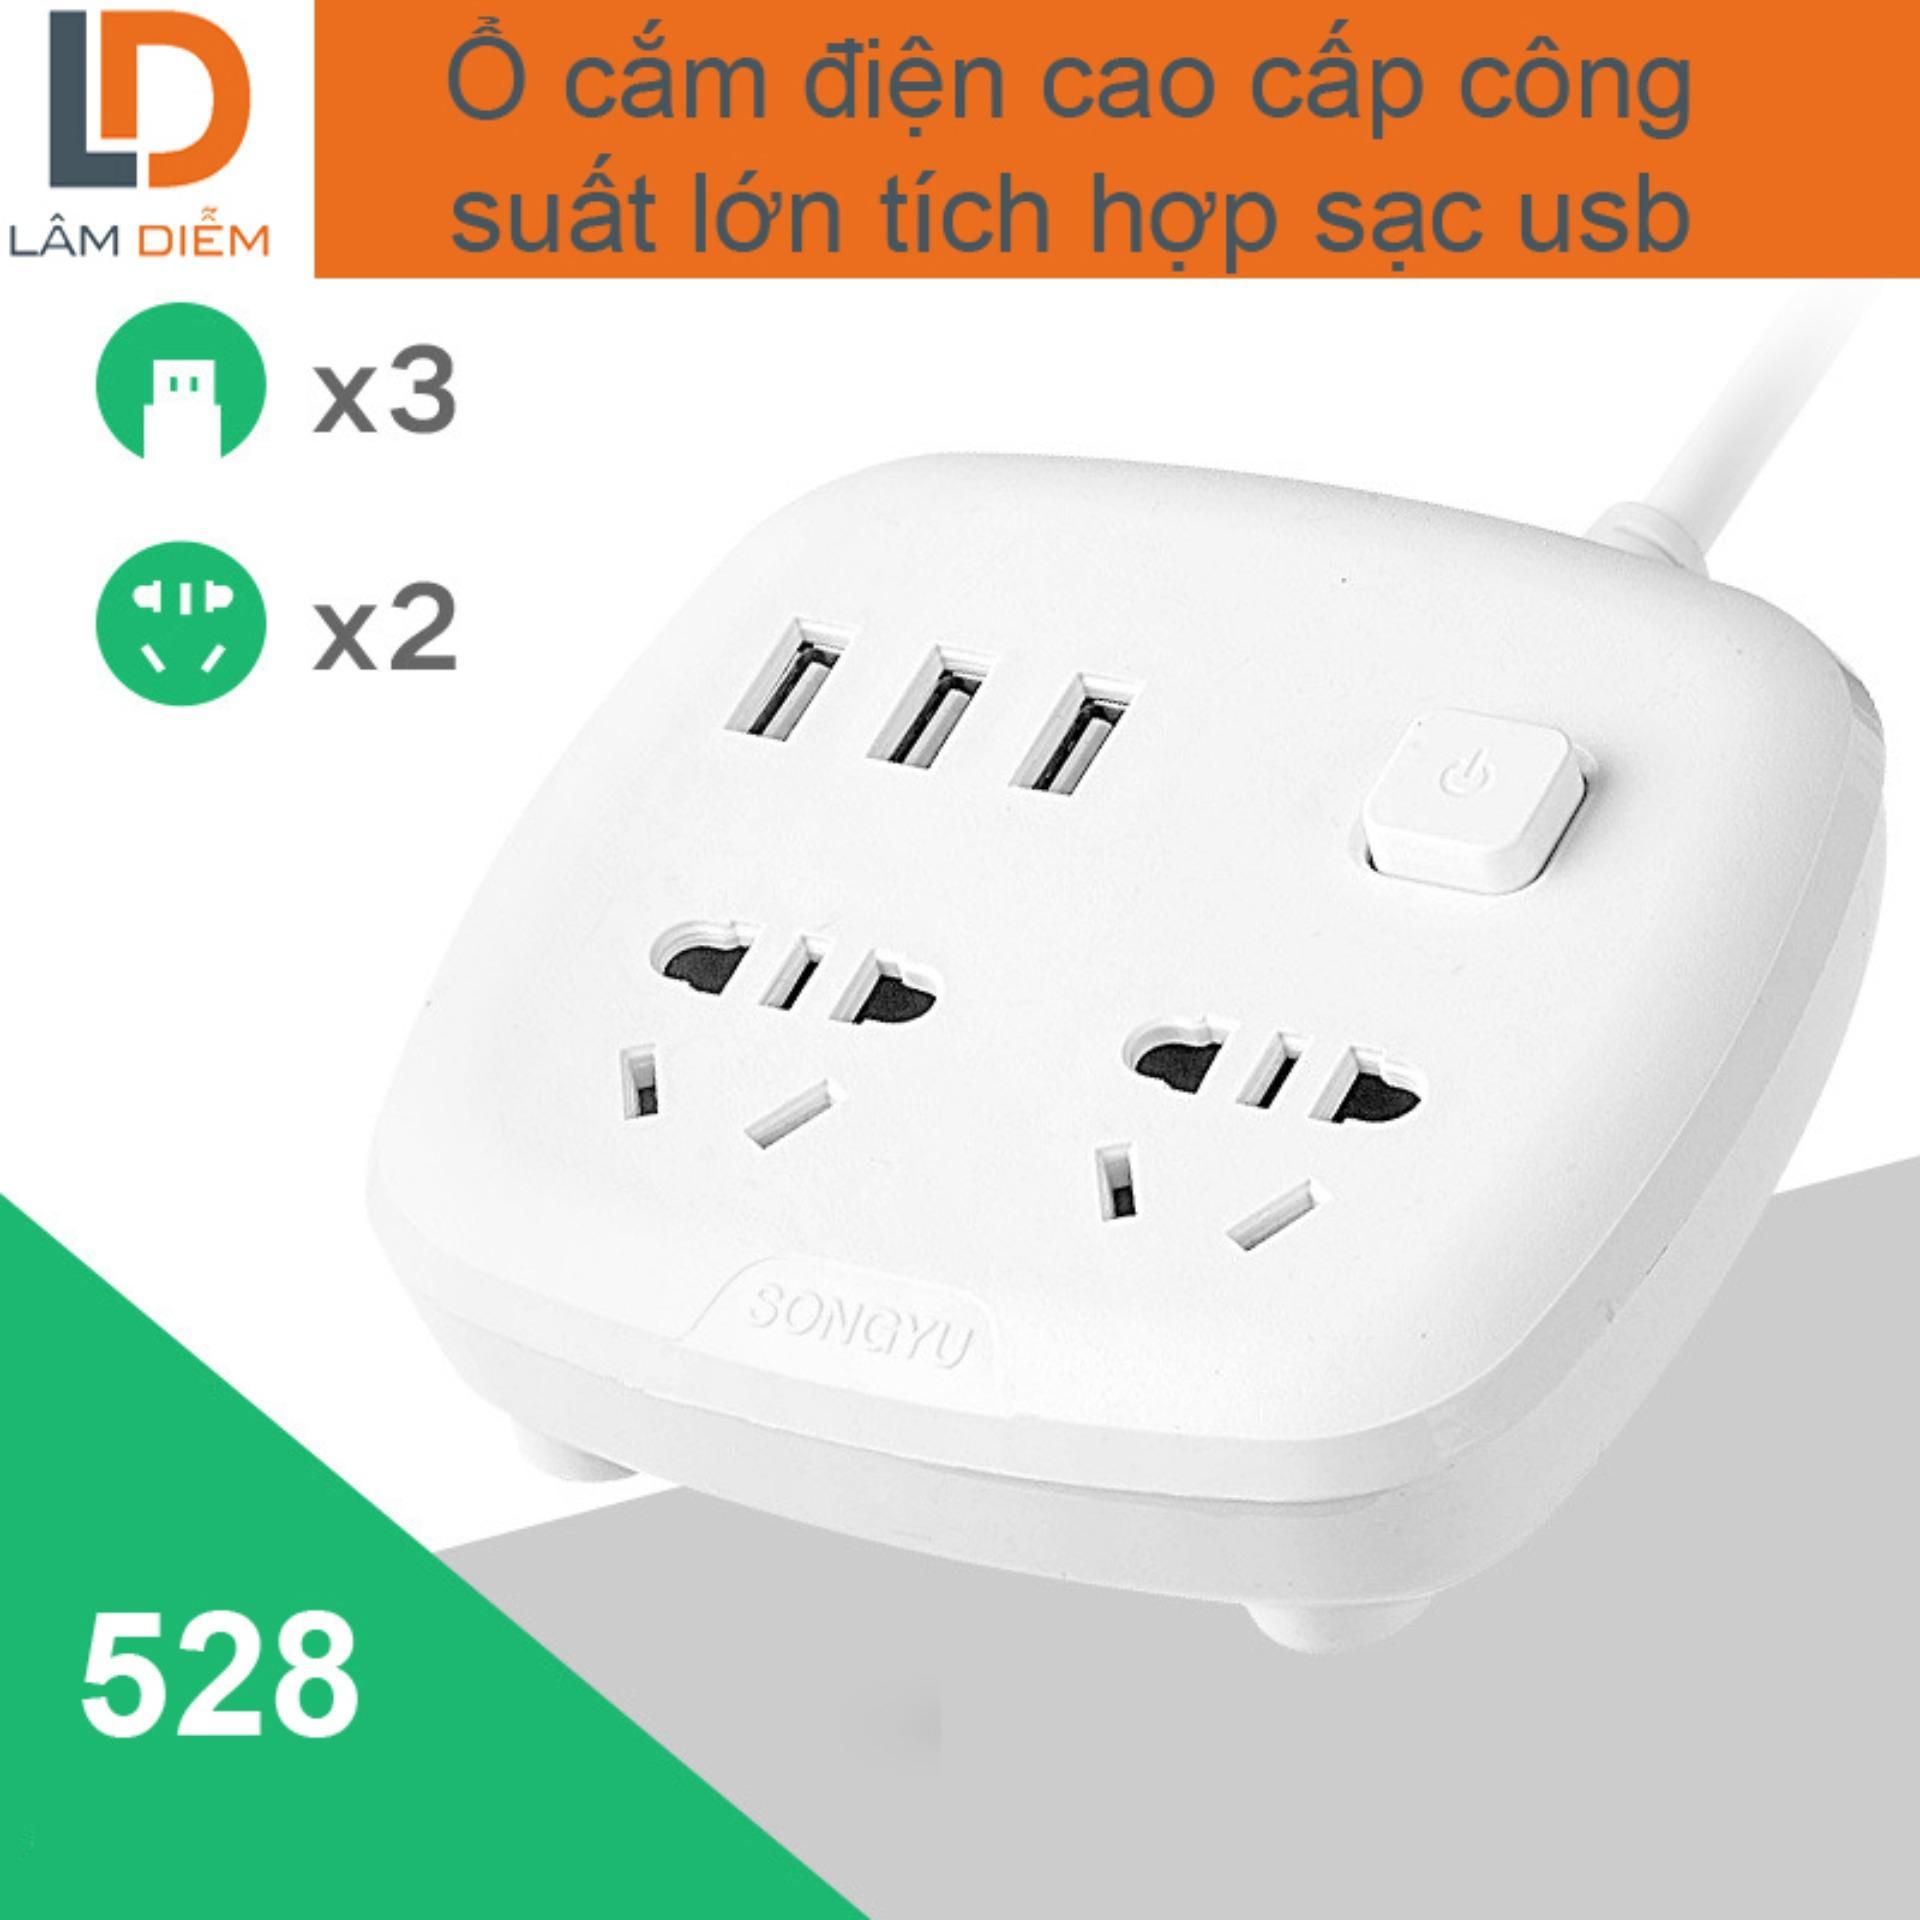 Ổ cắm điện cao cấp đa năng tích hợp  cổng sạc USB giá rẻ